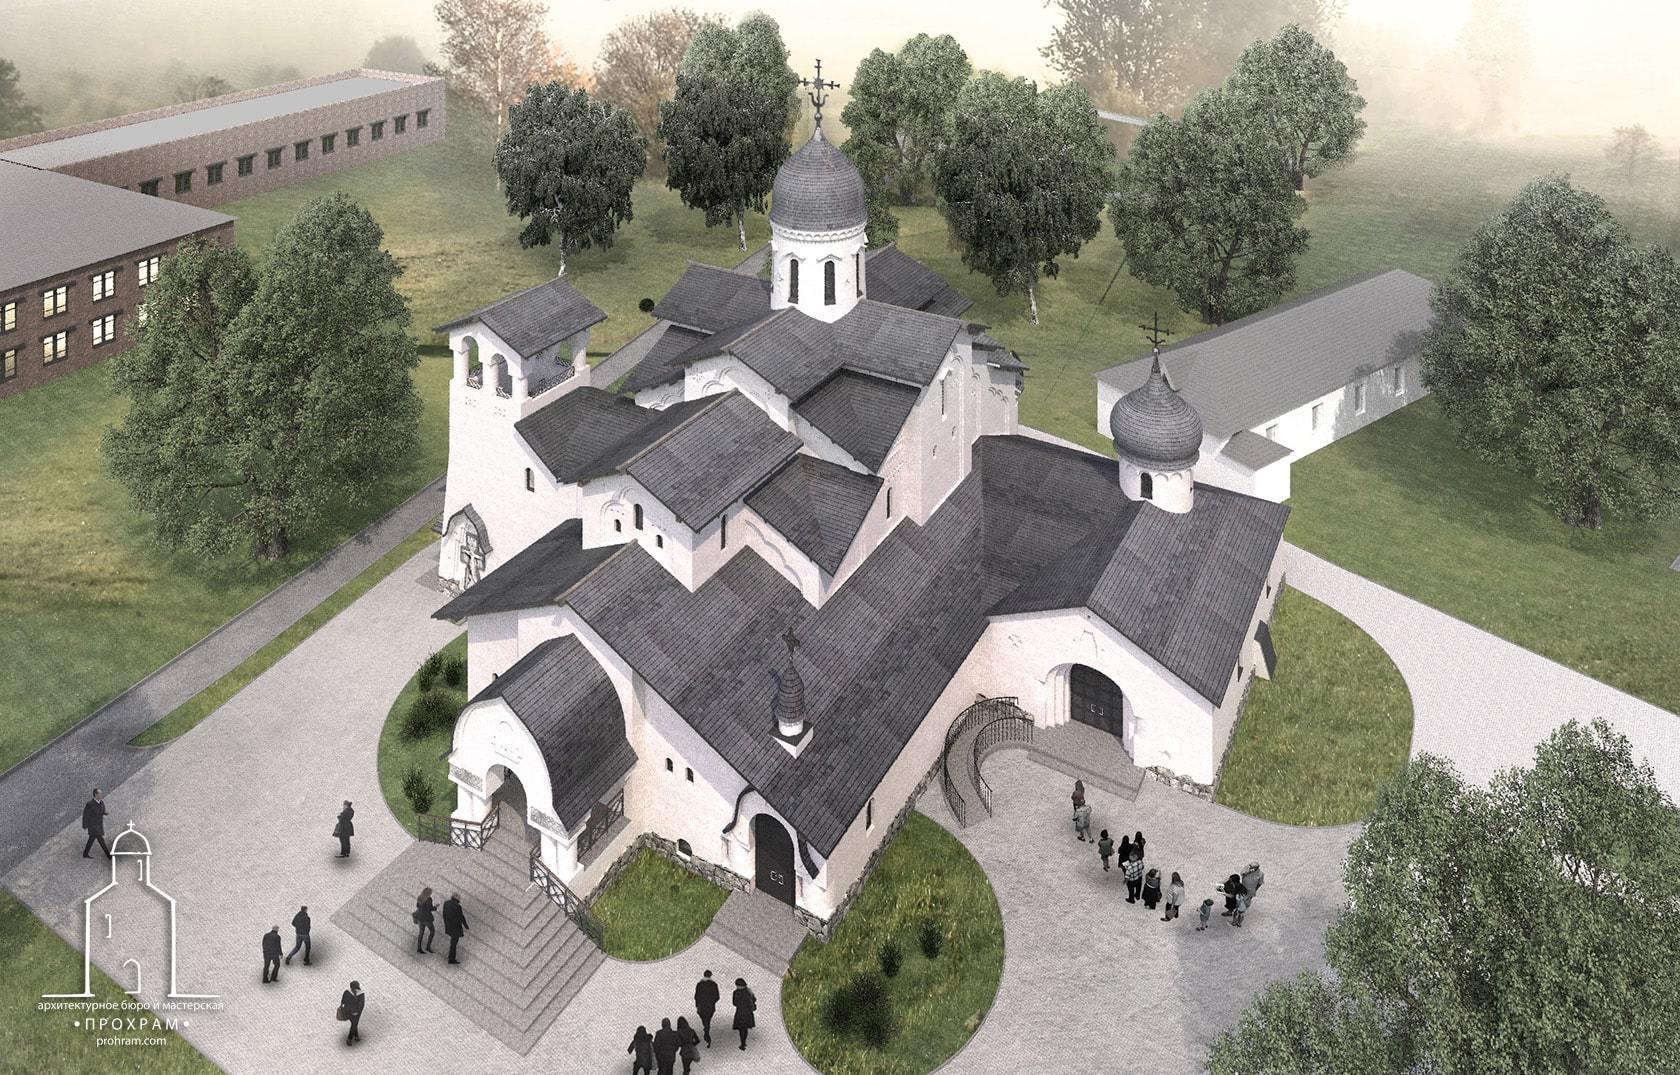 ахитектурный проект храма, эскиз храма, современная храмовая архитектура, храм прп петра и февронии